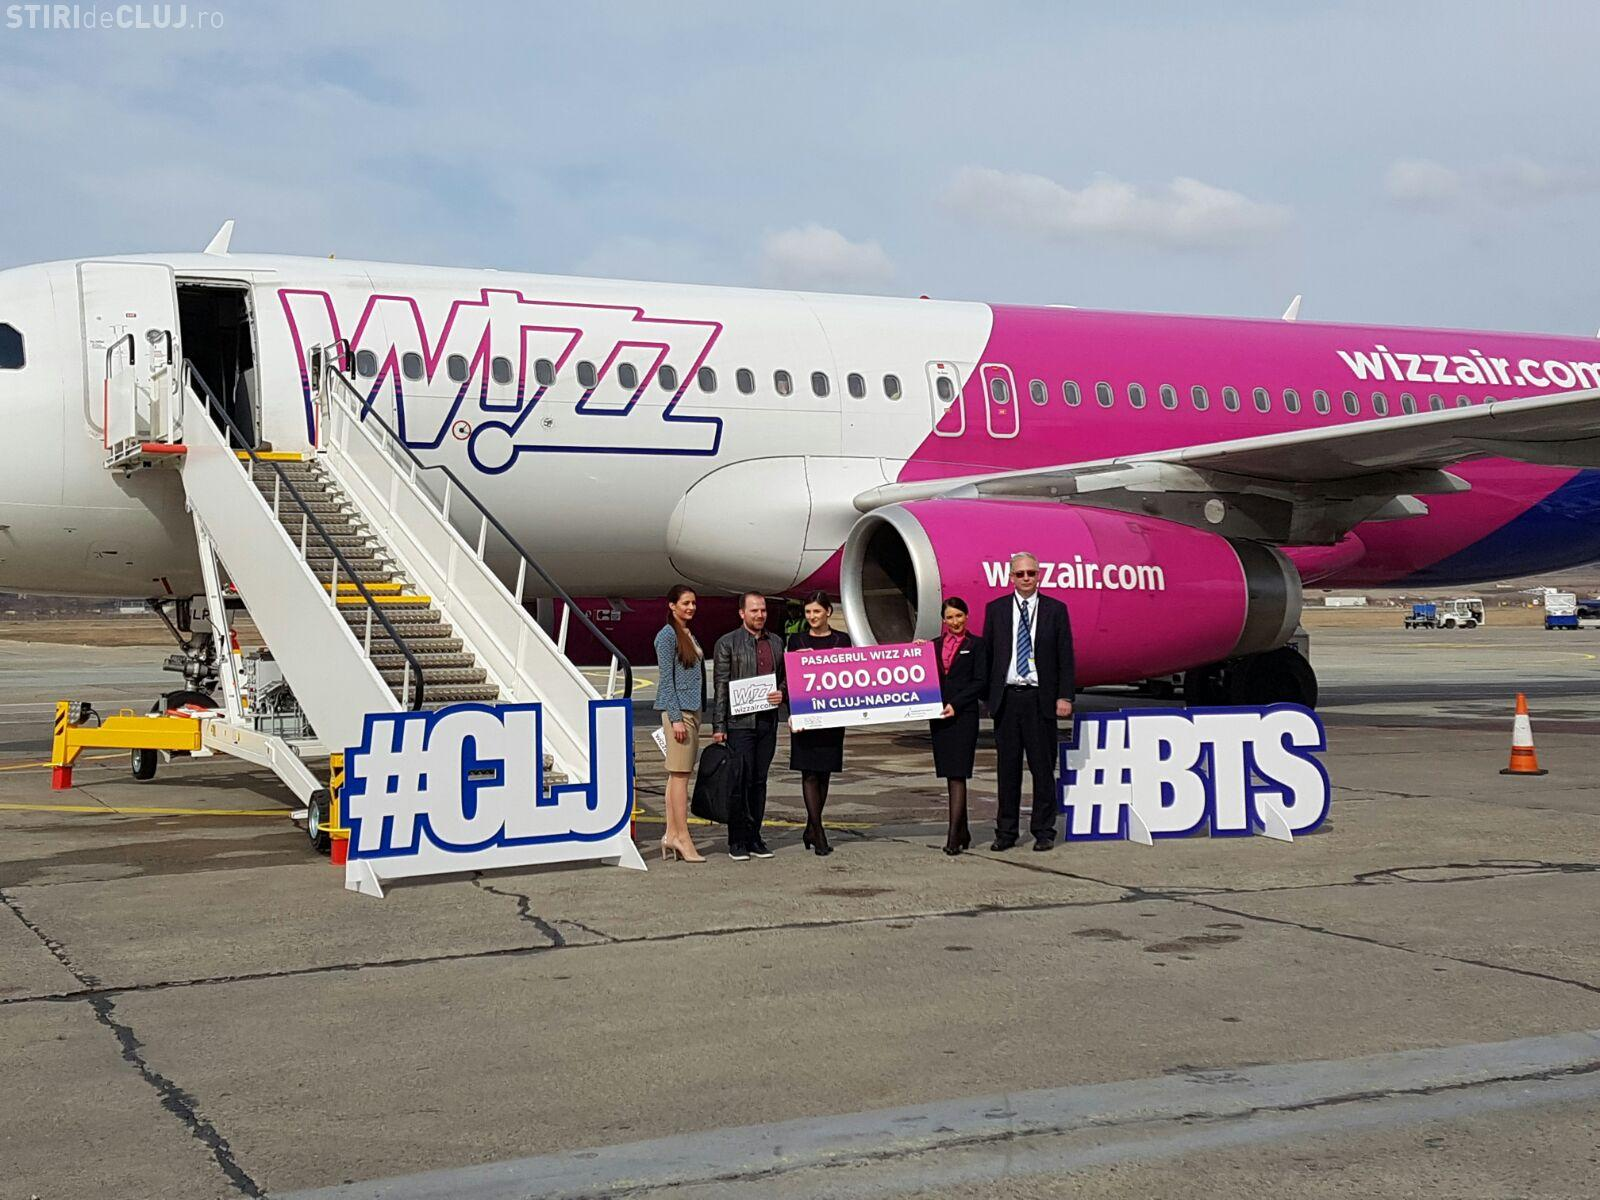 Wizz Air sărbătorește 7.000.000 de pasageri pe Aeroportul Cluj. Au lansat și o nouă rută, de la Cluj FOTO/VIDEO